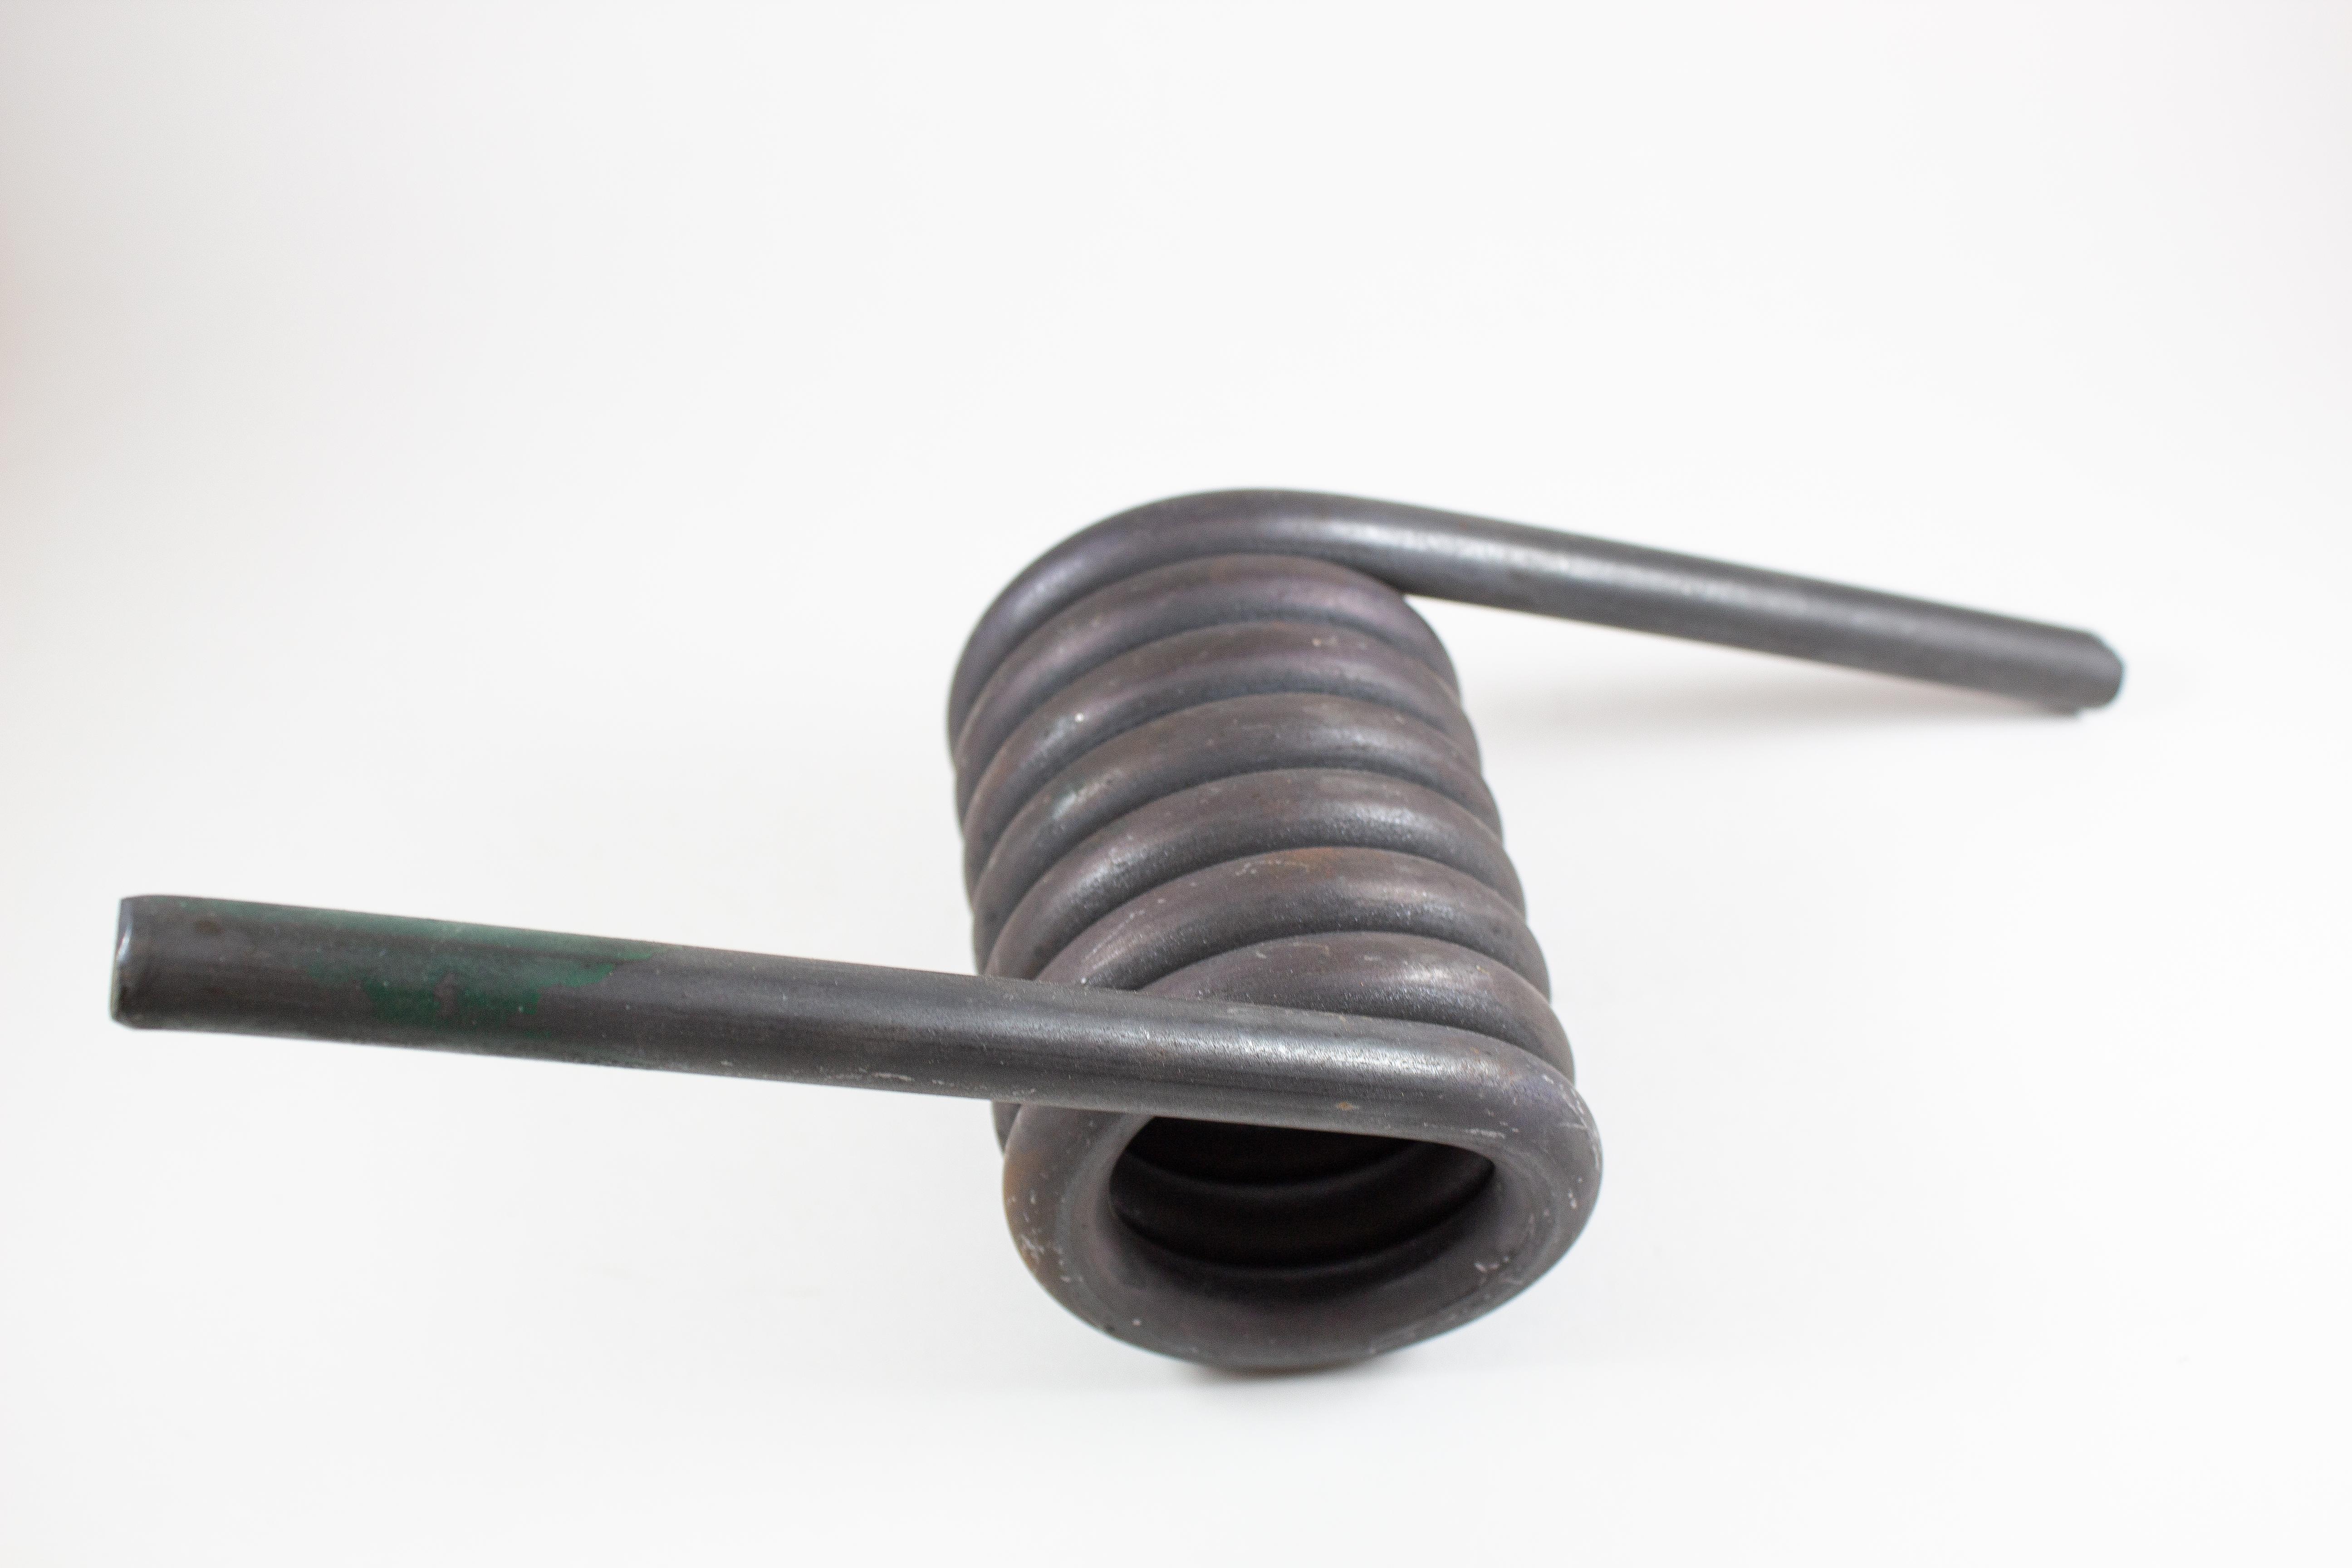 Ramp Spring Left Hand 2K (lbf-in) Torque For 1 1/2